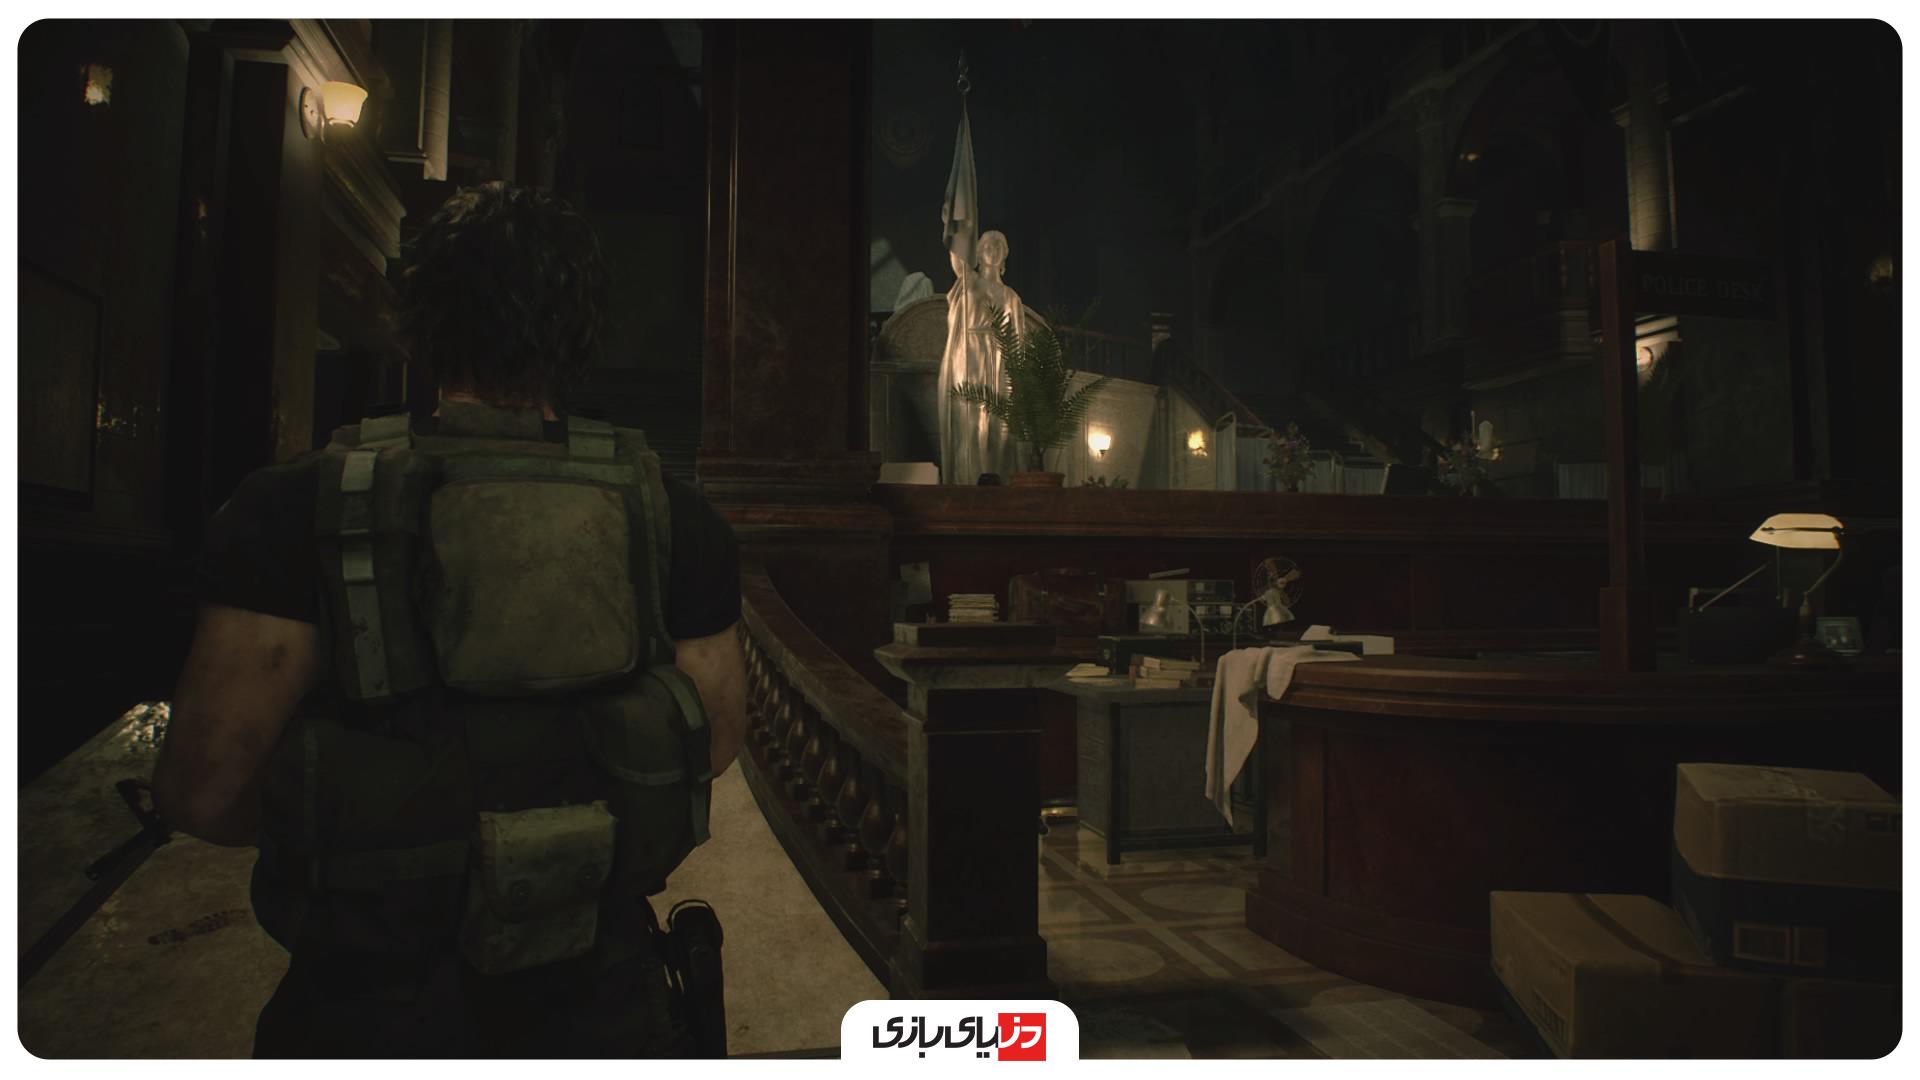 بررسی بازی رزیدنت اویل 3 ریمیک - حضور کارلوس در ادارهی پلیس سناریوی کوتاهی دارد.